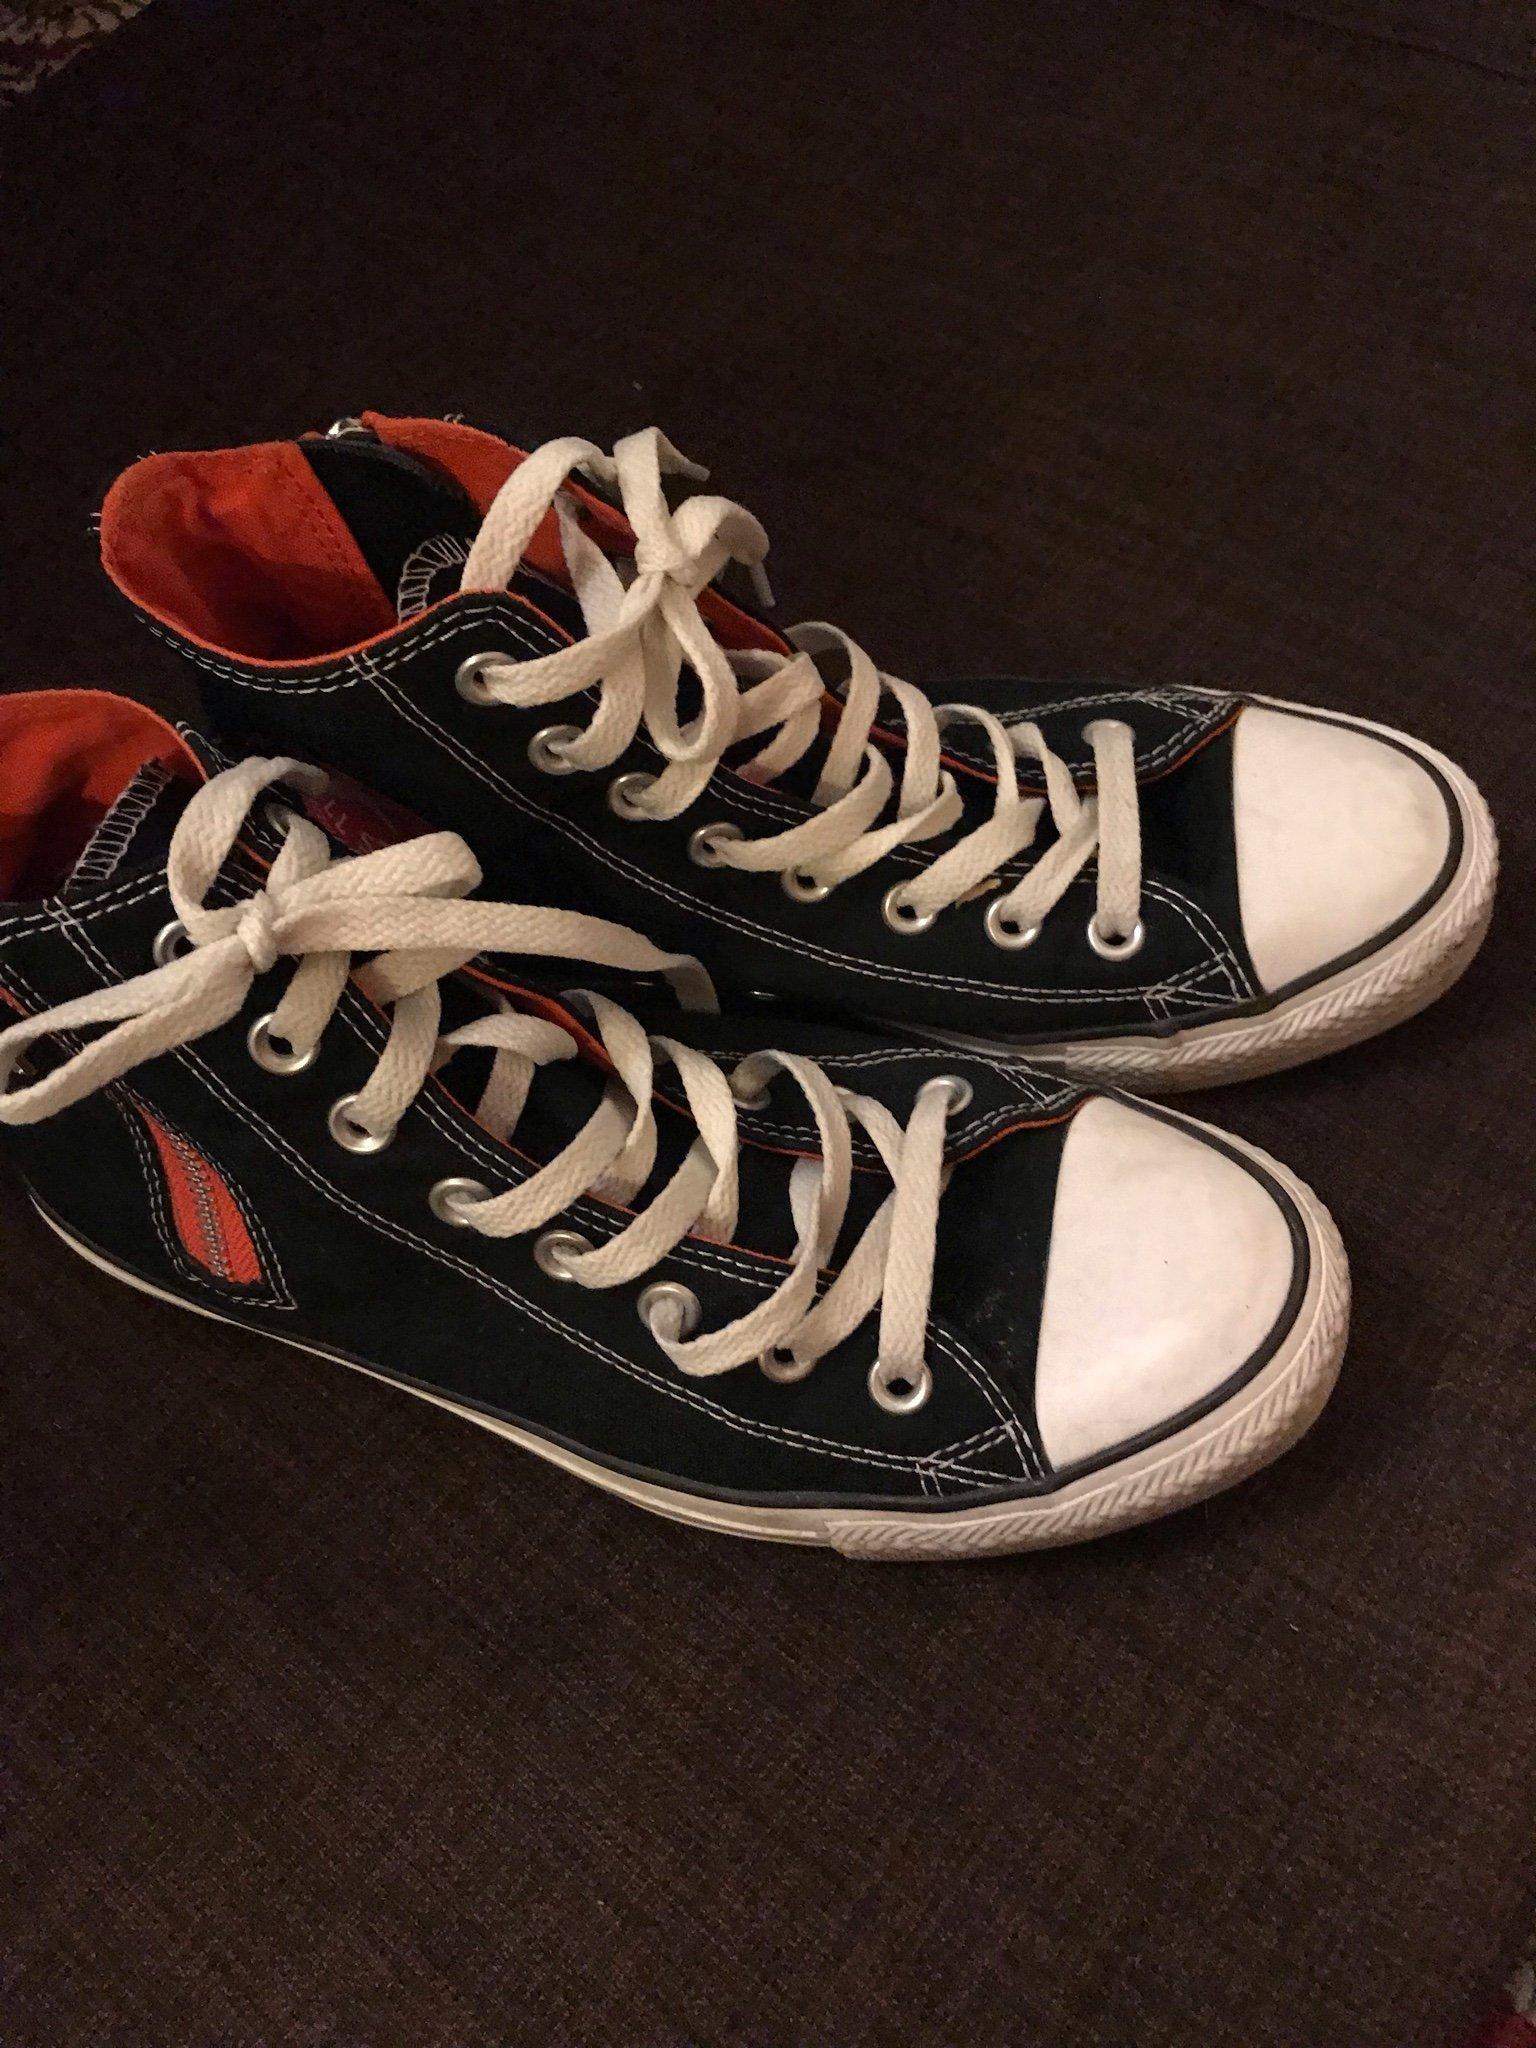 28da668acf7 All star converse skor str 40 (347067663) ᐈ Köp på Tradera